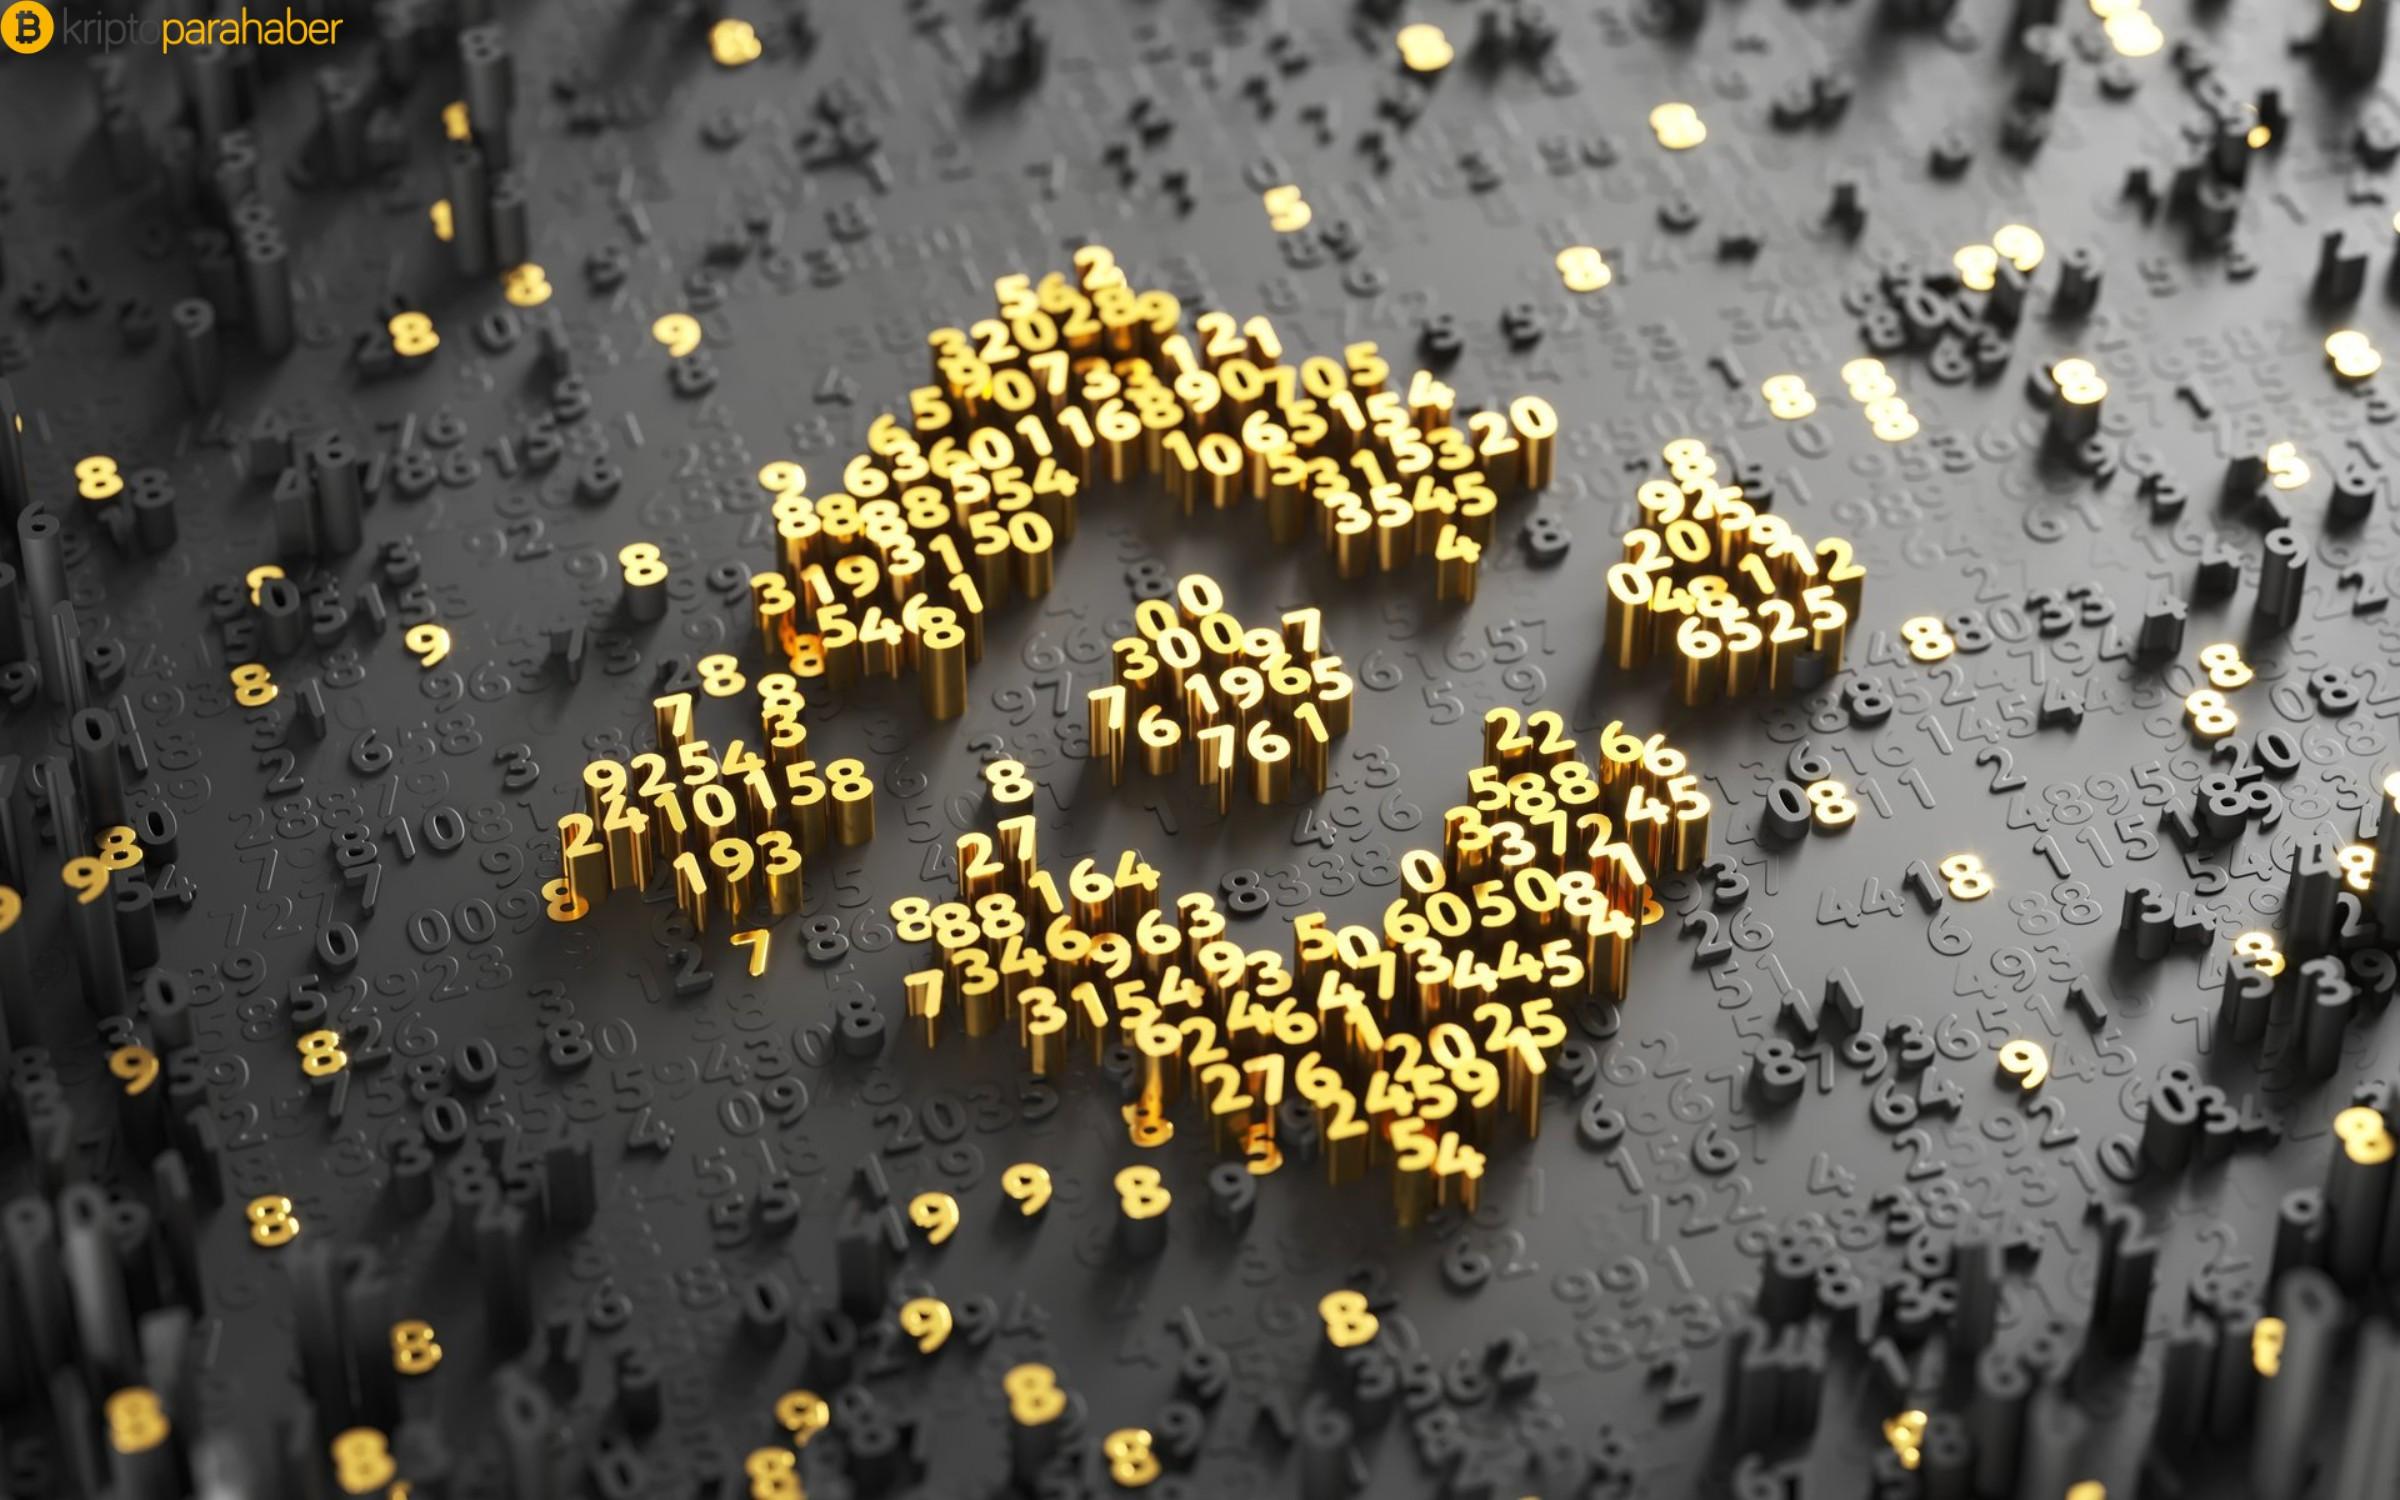 Kripto para aklama ile mücadelede Binance ve Chainalysis ortaklığı